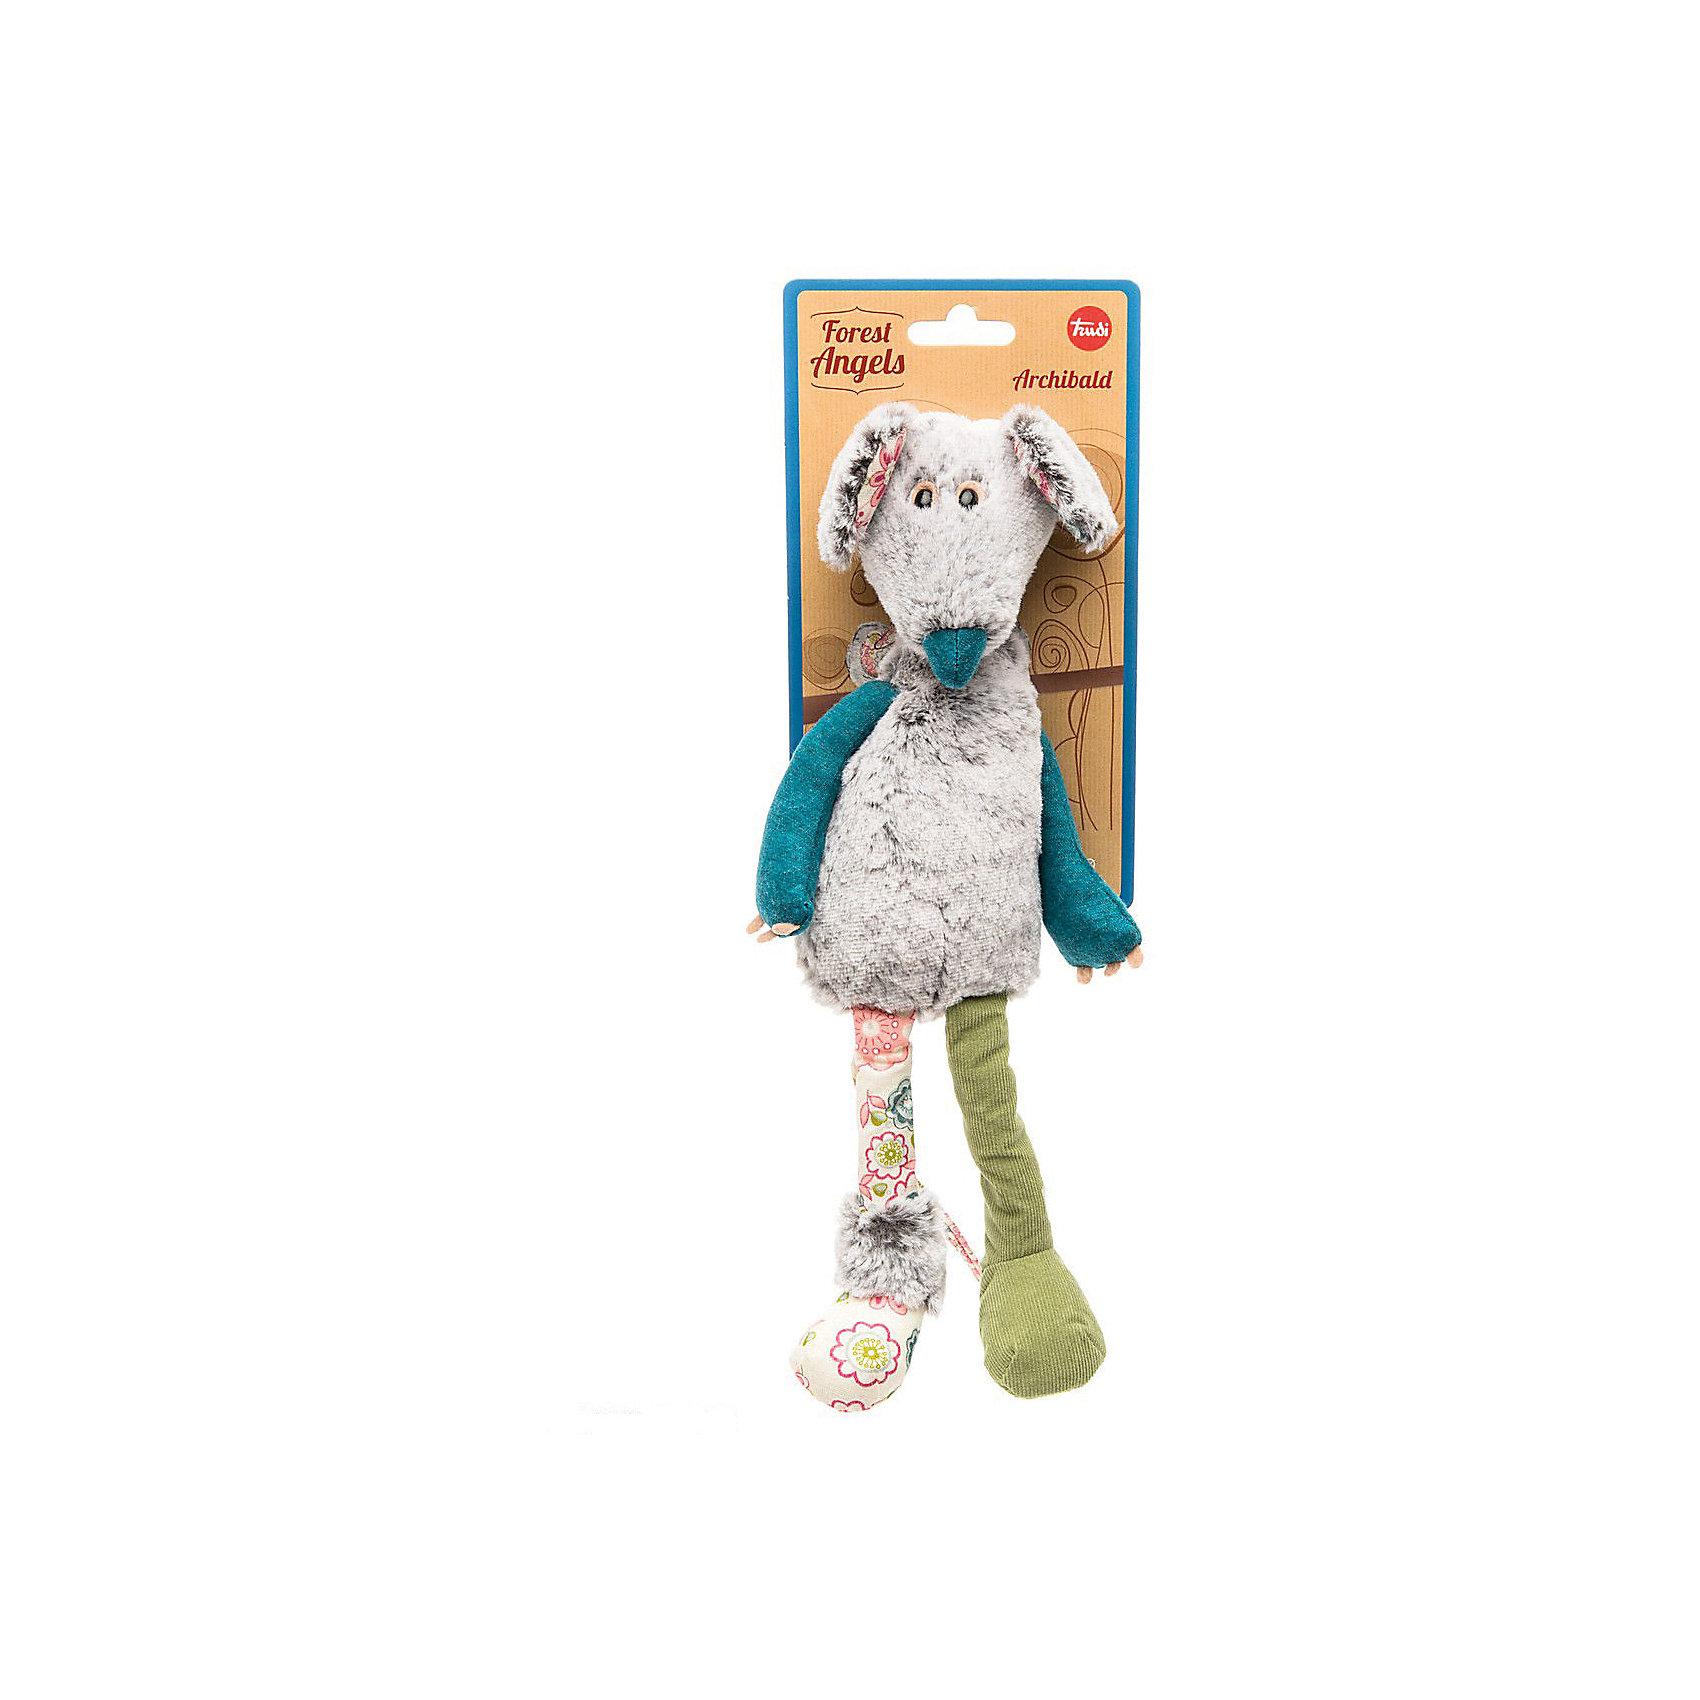 Мышь Арчибальд, 33 см, TrudiЗвери и птицы<br>Характеристики товара:<br><br>• возраст от 1 года;<br>• материал: искусственный мех, текстиль;<br>• высота игрушки 33 см;<br>• размер упаковки 23х19,5х12,5 см;<br>• вес упаковки 100 гр.;<br>• страна производитель Китай.<br><br>Мышь Арчибальд Trudi — забавная мягкая игрушка в виде мышонка с большими ушками, добрыми глазками. Арчибальд одет в кофту с длинными синими рукавами. Играя с игрушкой, малыш может придумывать свои истории и сюжеты. У него развиваются воображение, фантазия, тактильные ощущения во время игры. Игрушка изготовлена из качественных экологически чистых материалов.<br><br>Мышь Арчибальд Trudi можно приобрести в нашем интернет-магазине.<br><br>Ширина мм: 195<br>Глубина мм: 125<br>Высота мм: 230<br>Вес г: 100<br>Возраст от месяцев: 12<br>Возраст до месяцев: 2147483647<br>Пол: Унисекс<br>Возраст: Детский<br>SKU: 5578409